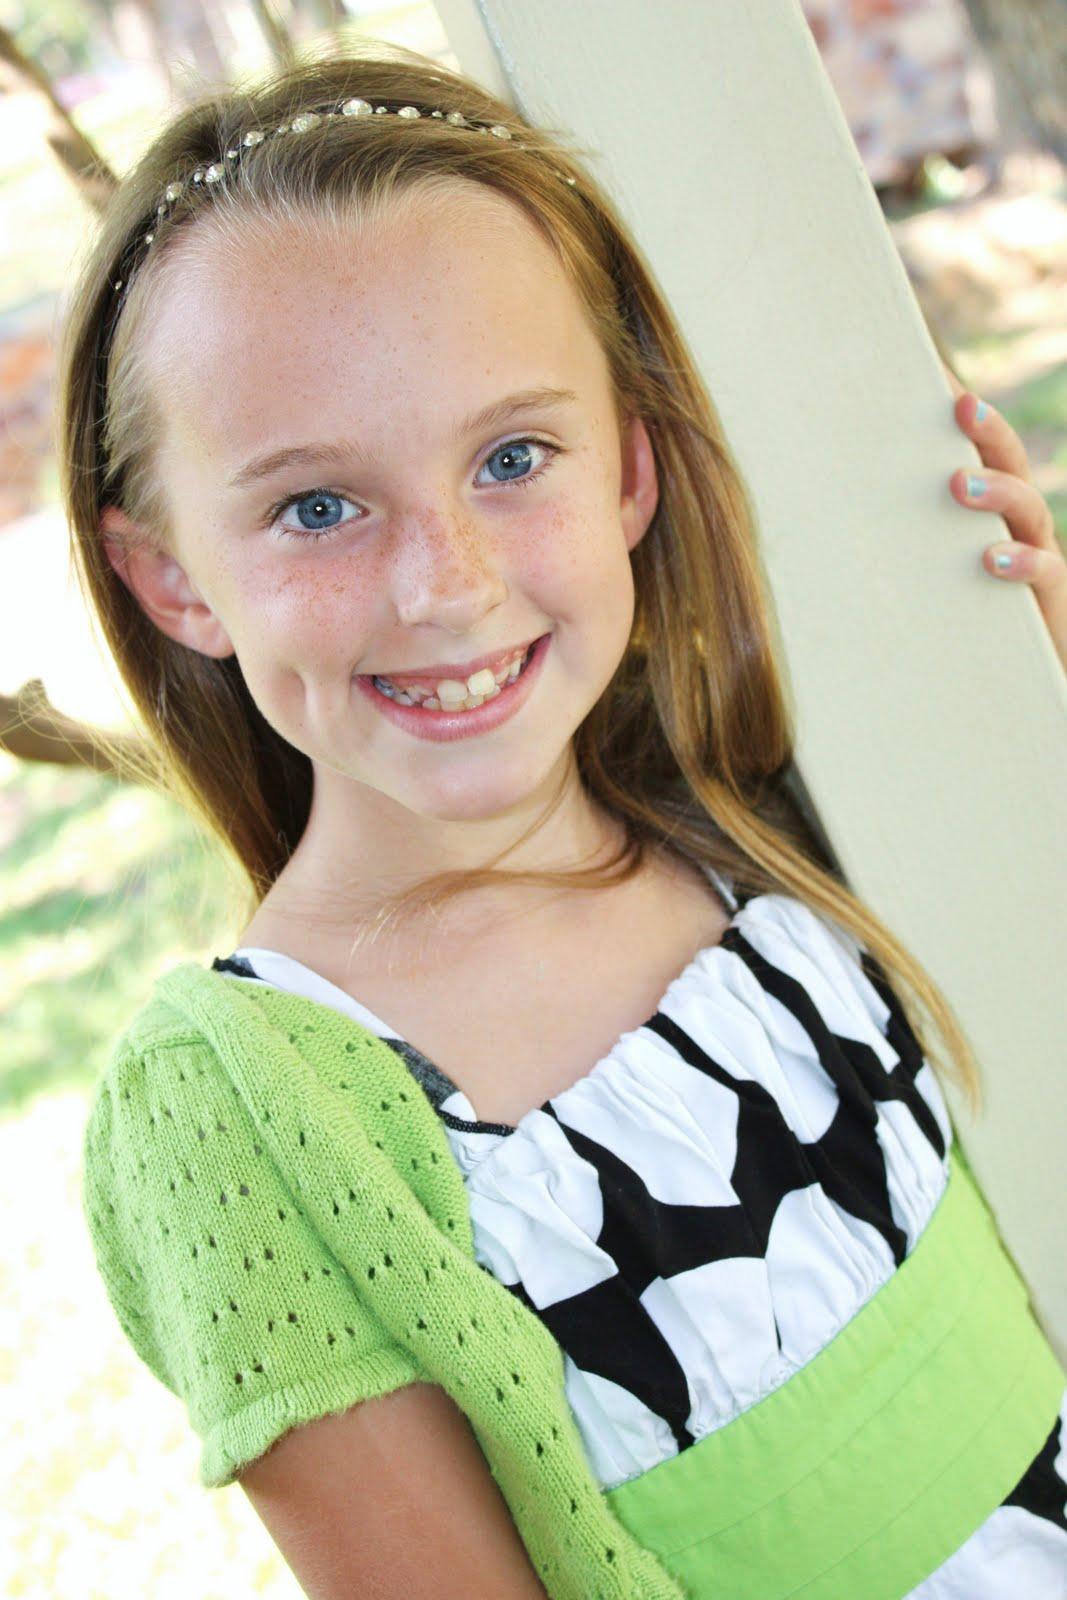 Newstar Kitty I Love Nonude Models Sets Sunshine Teen